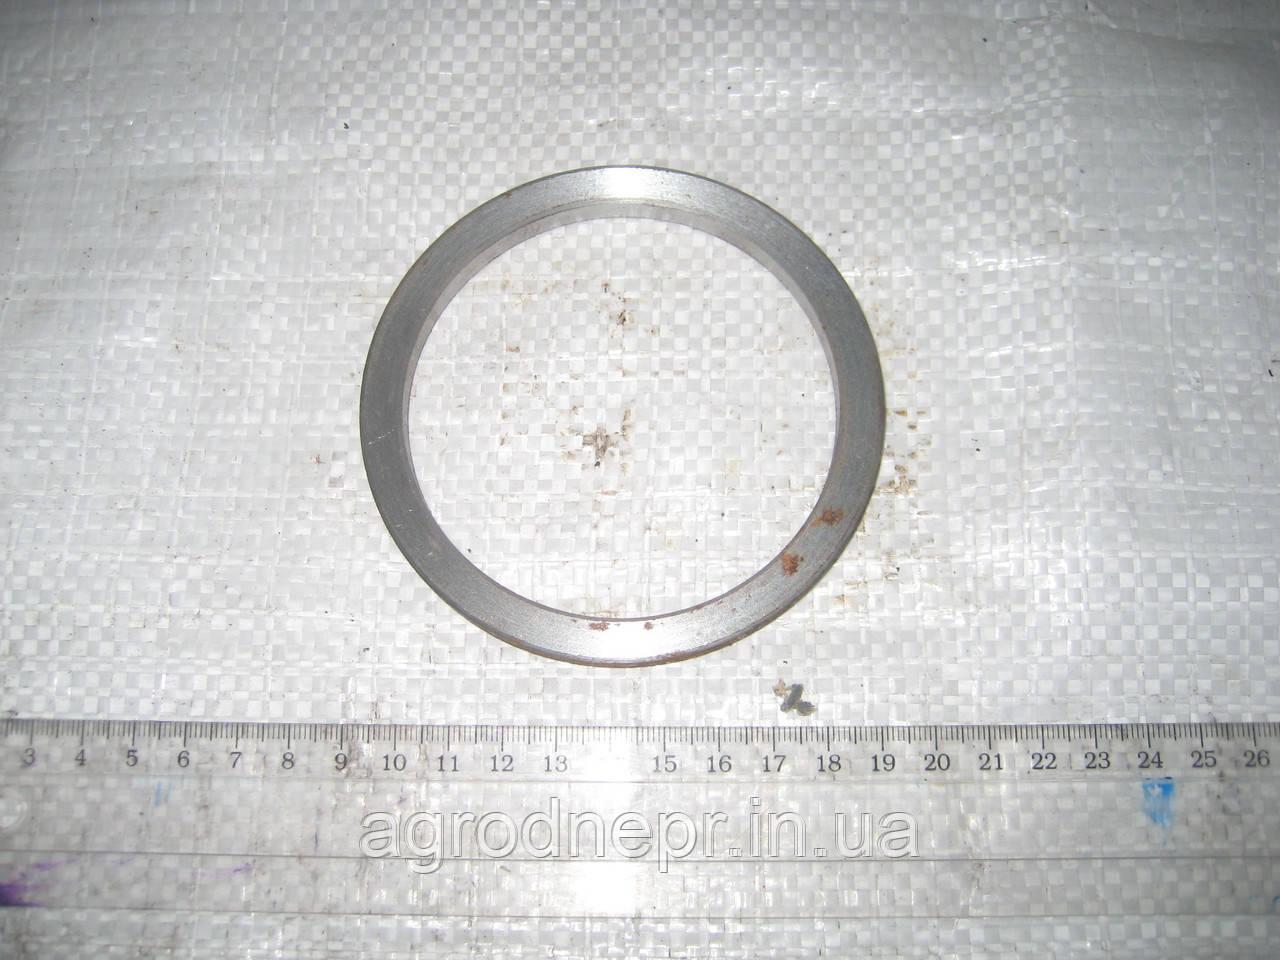 Кольцо распорное заднего моста ЮМЗ 36-2403045